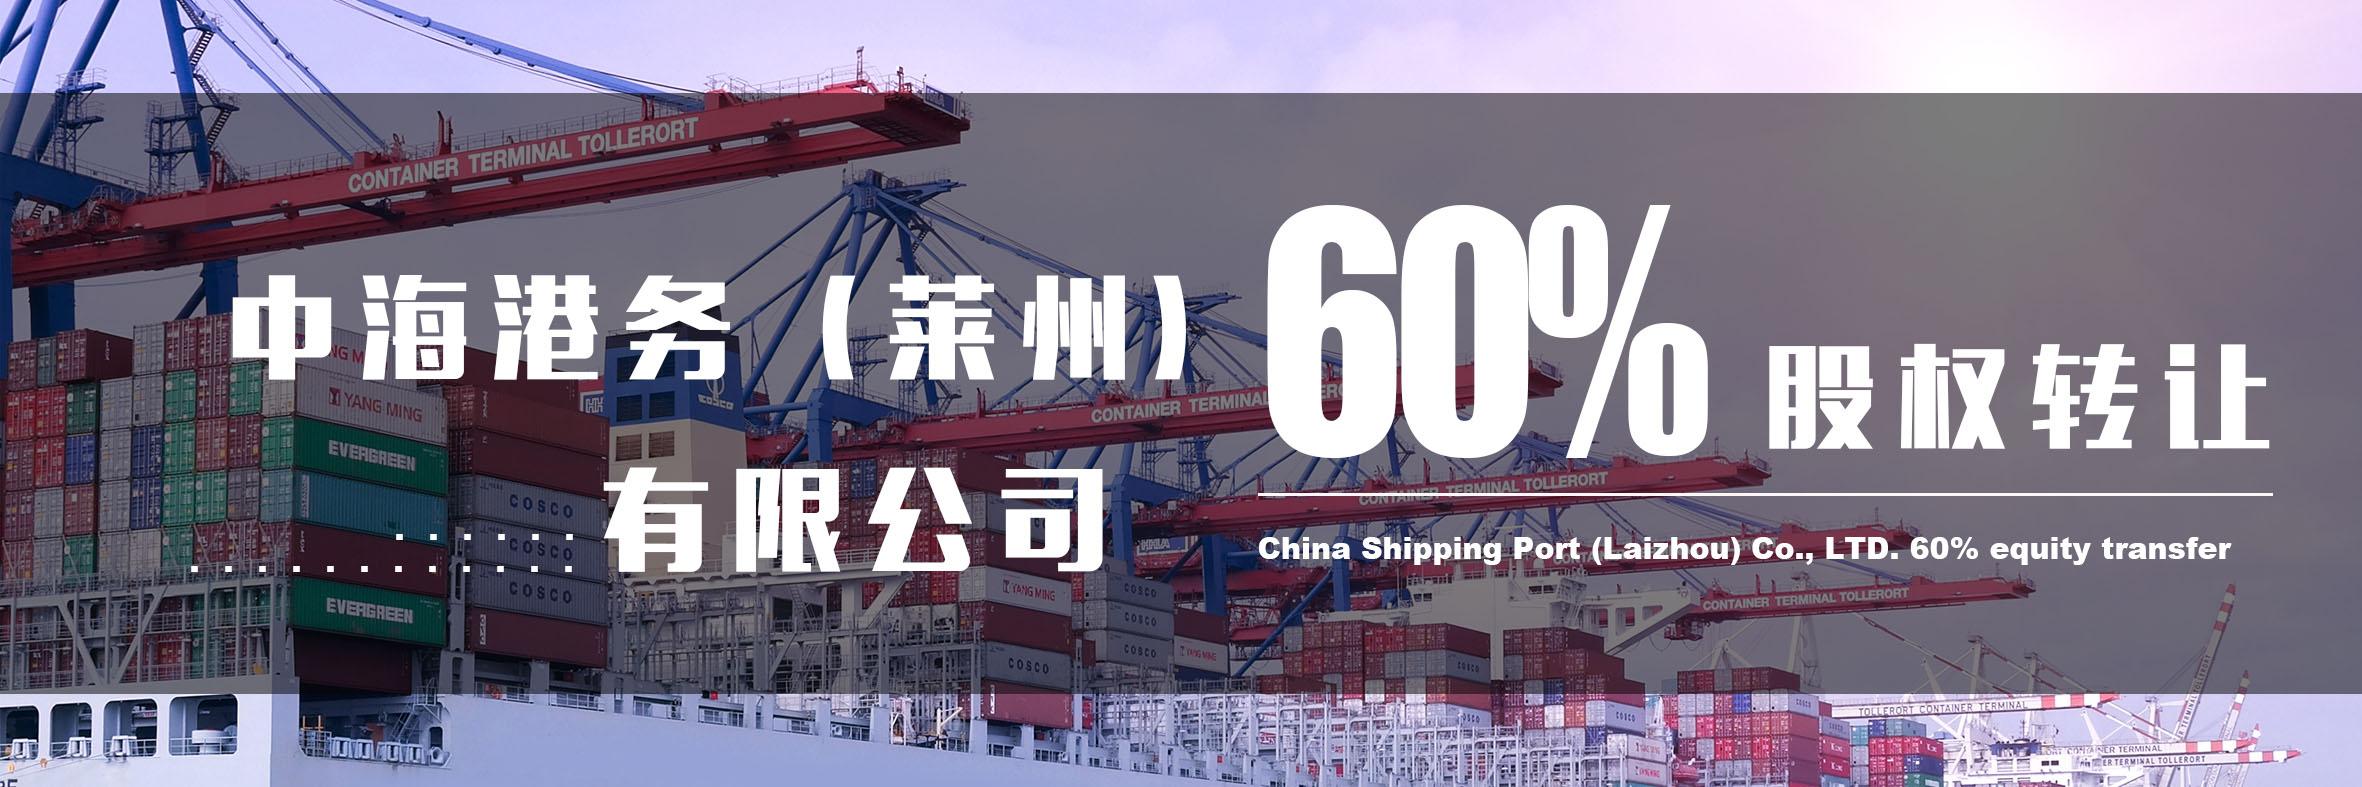 中海港务(莱州)有限公司60%股权转让